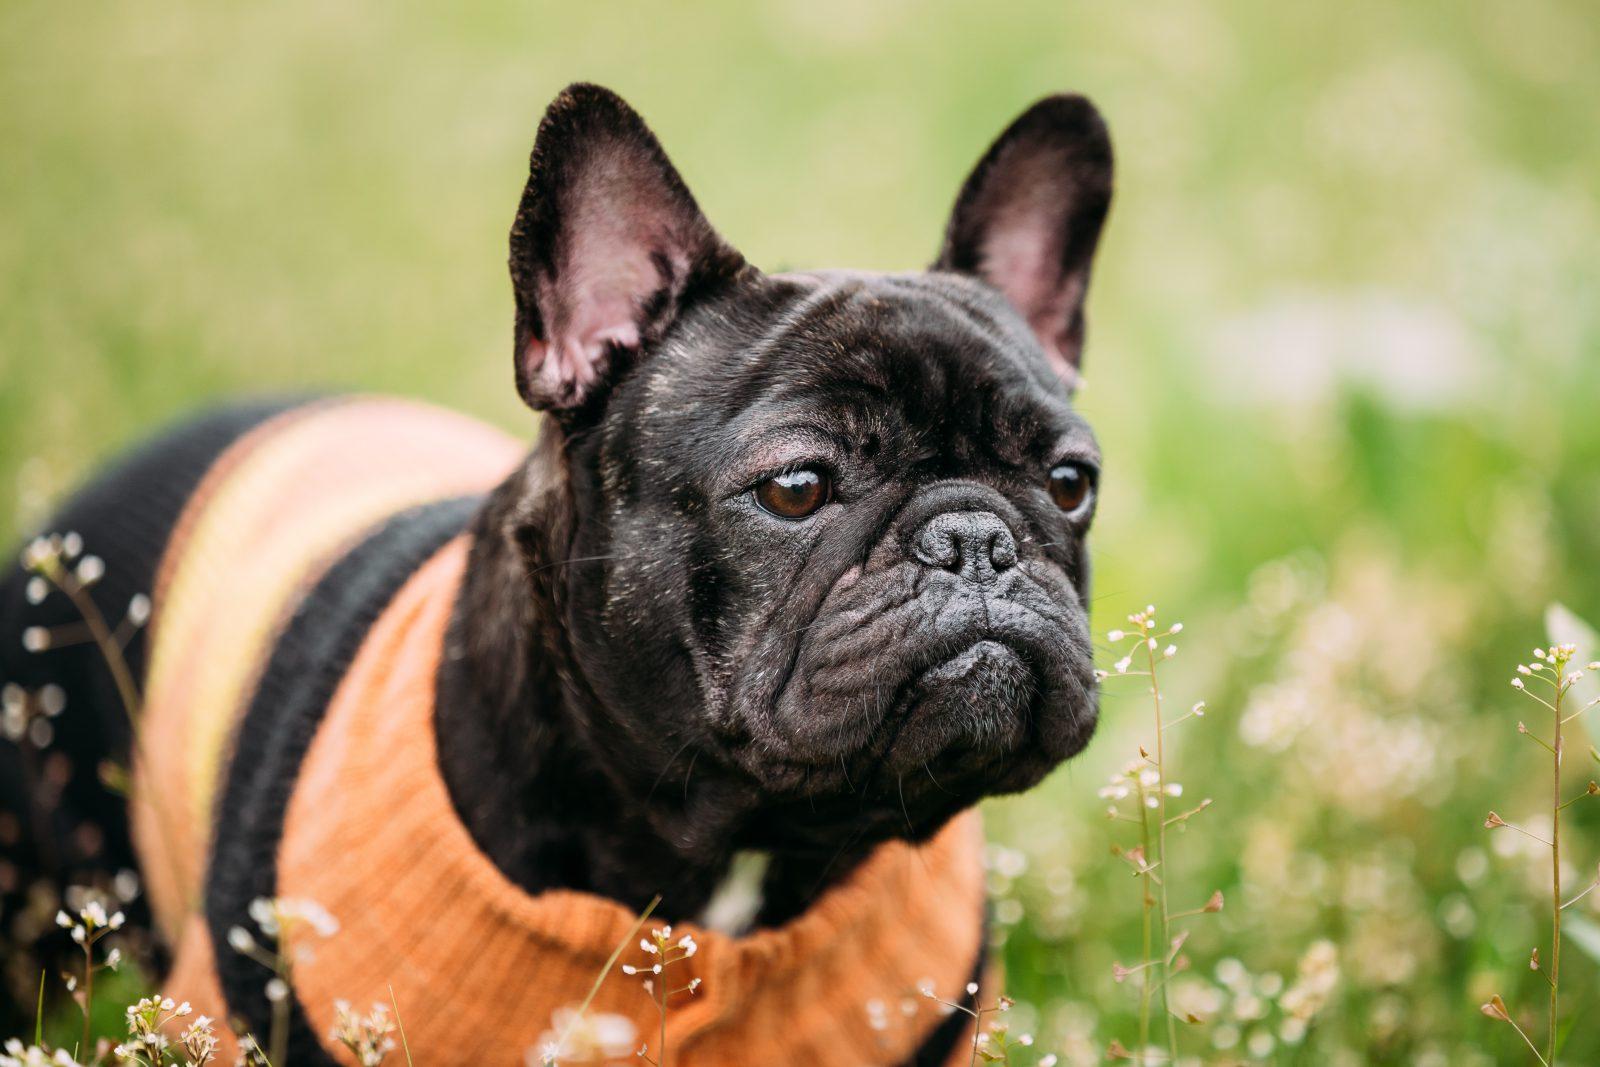 Acessórios de cachorro: Buldogue francês preto com roupinha de linha